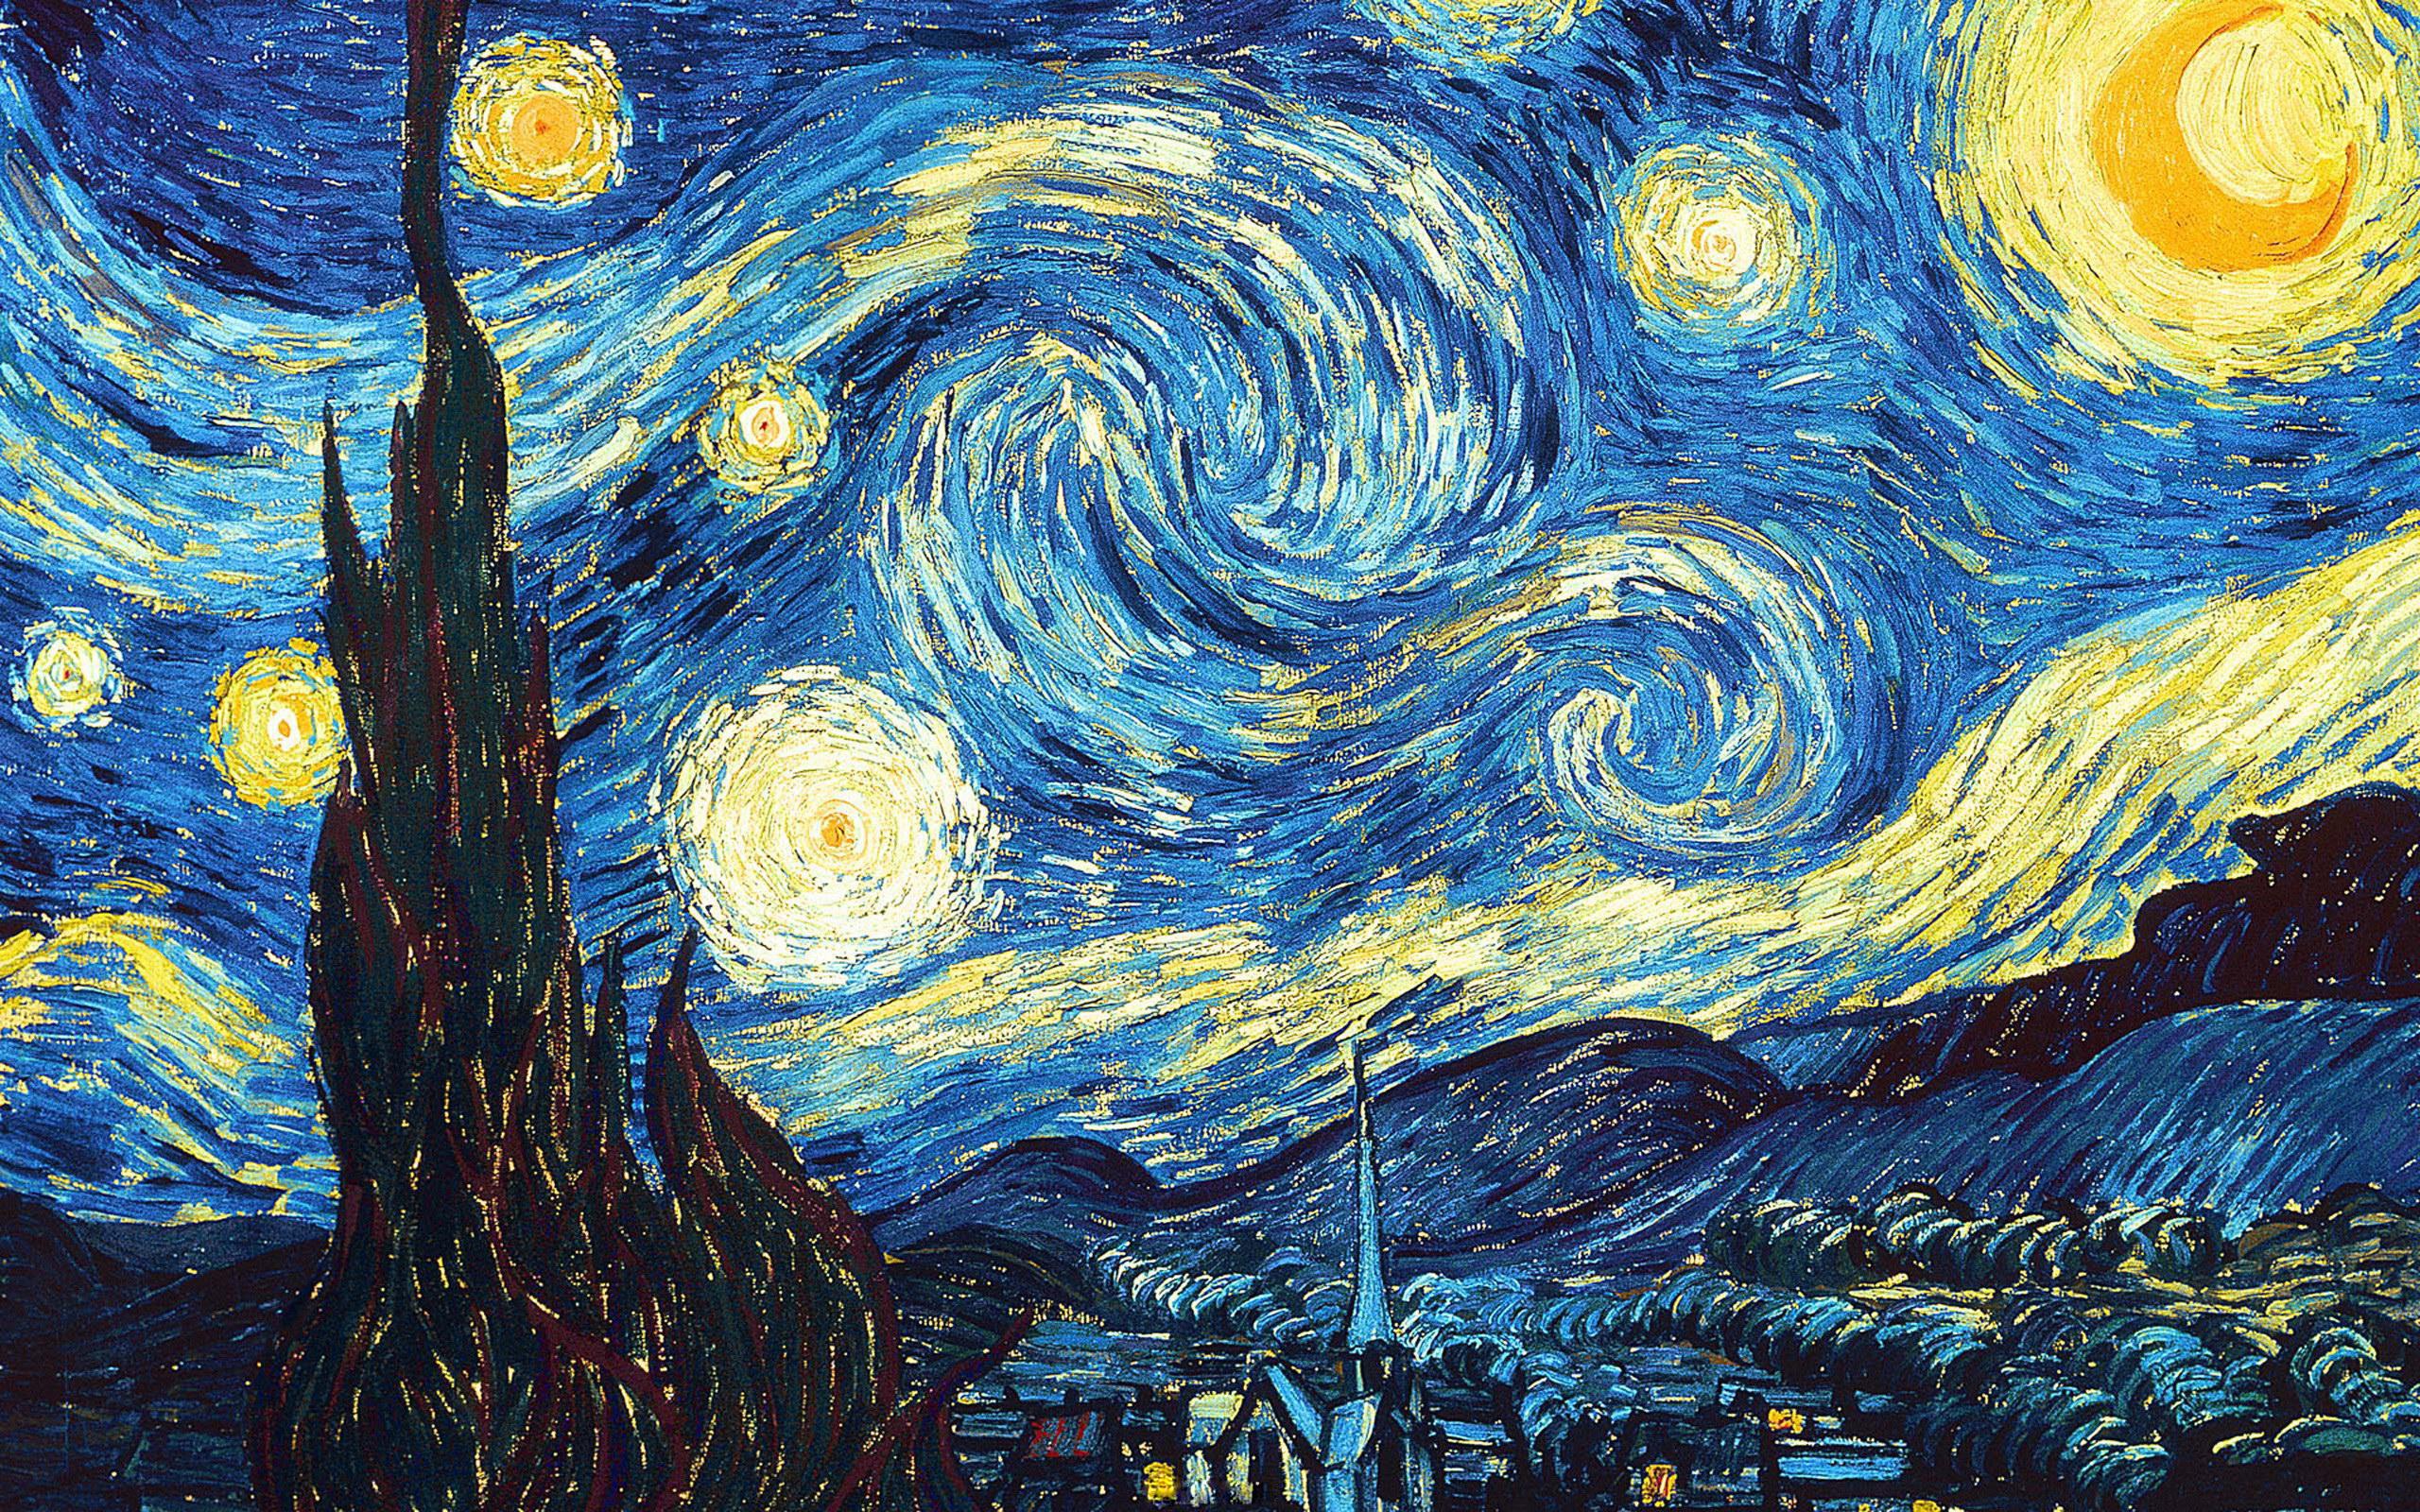 Figura 16. Vincent Van Gogh, A noite estrelada